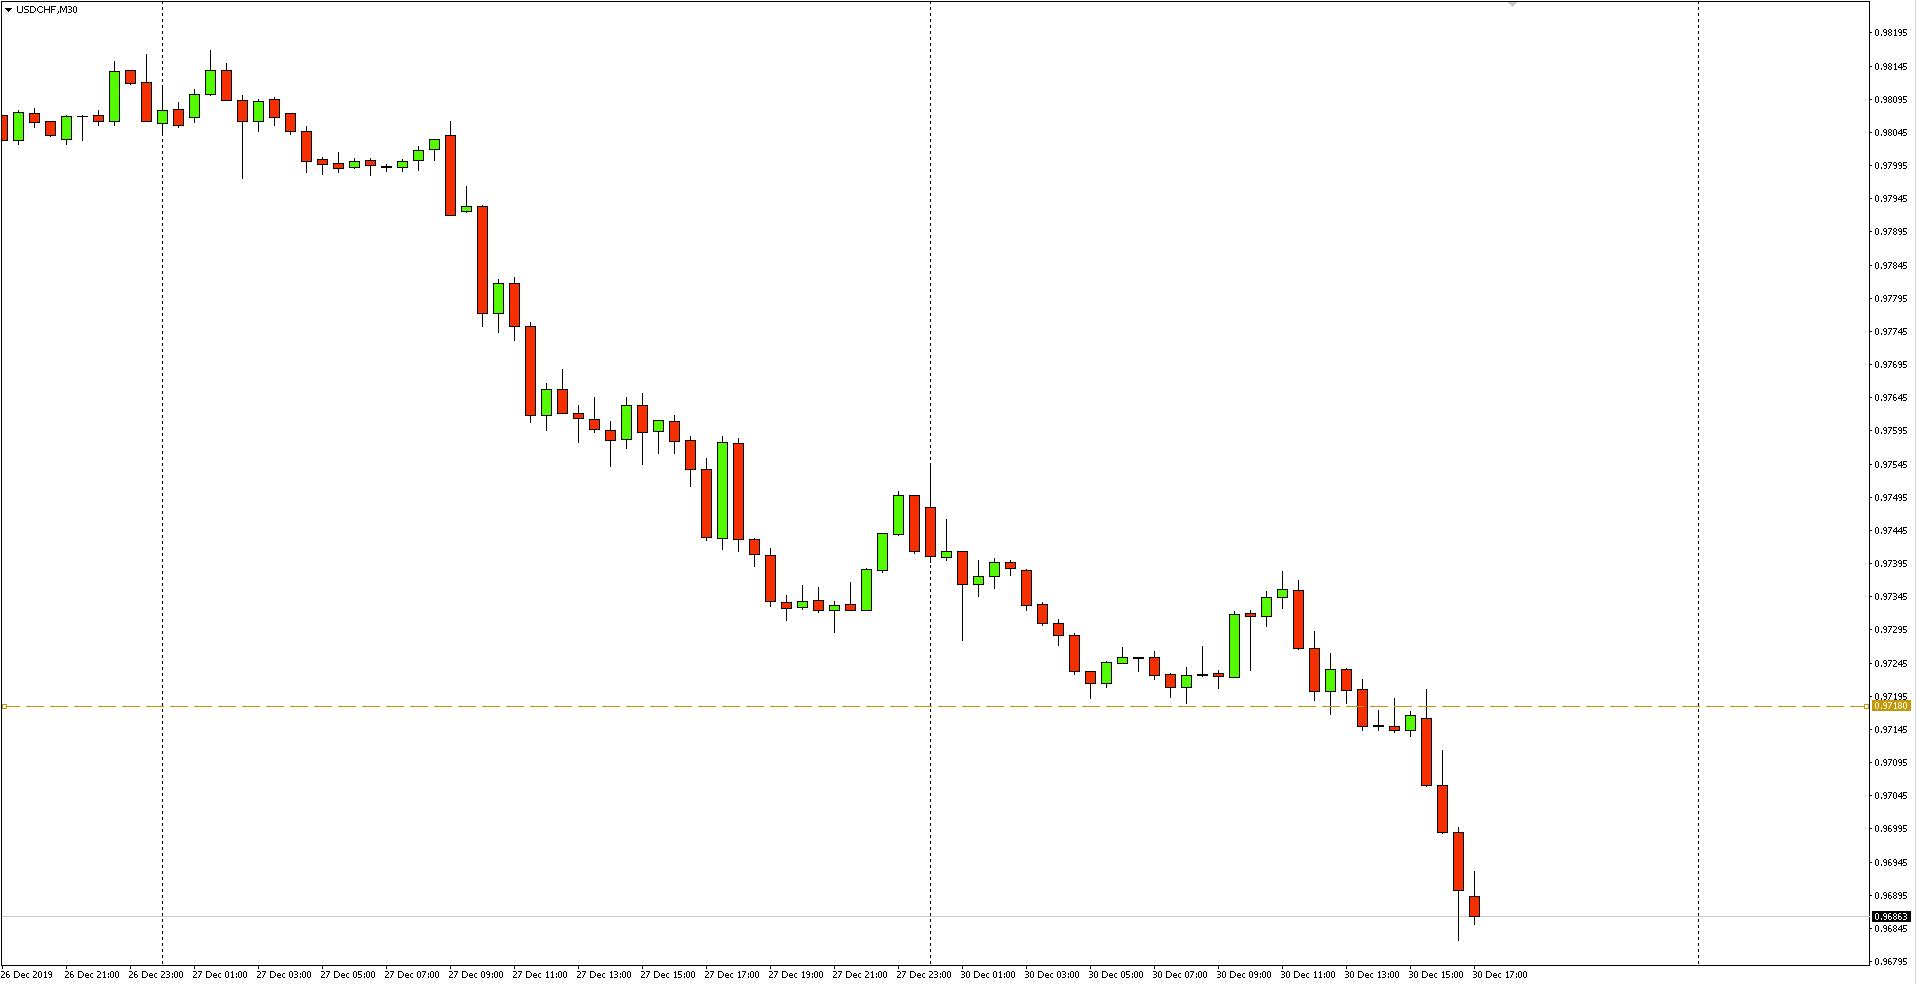 Wykres 30-minutowy pary walutowej USDCHF - 30.12.2019 r.